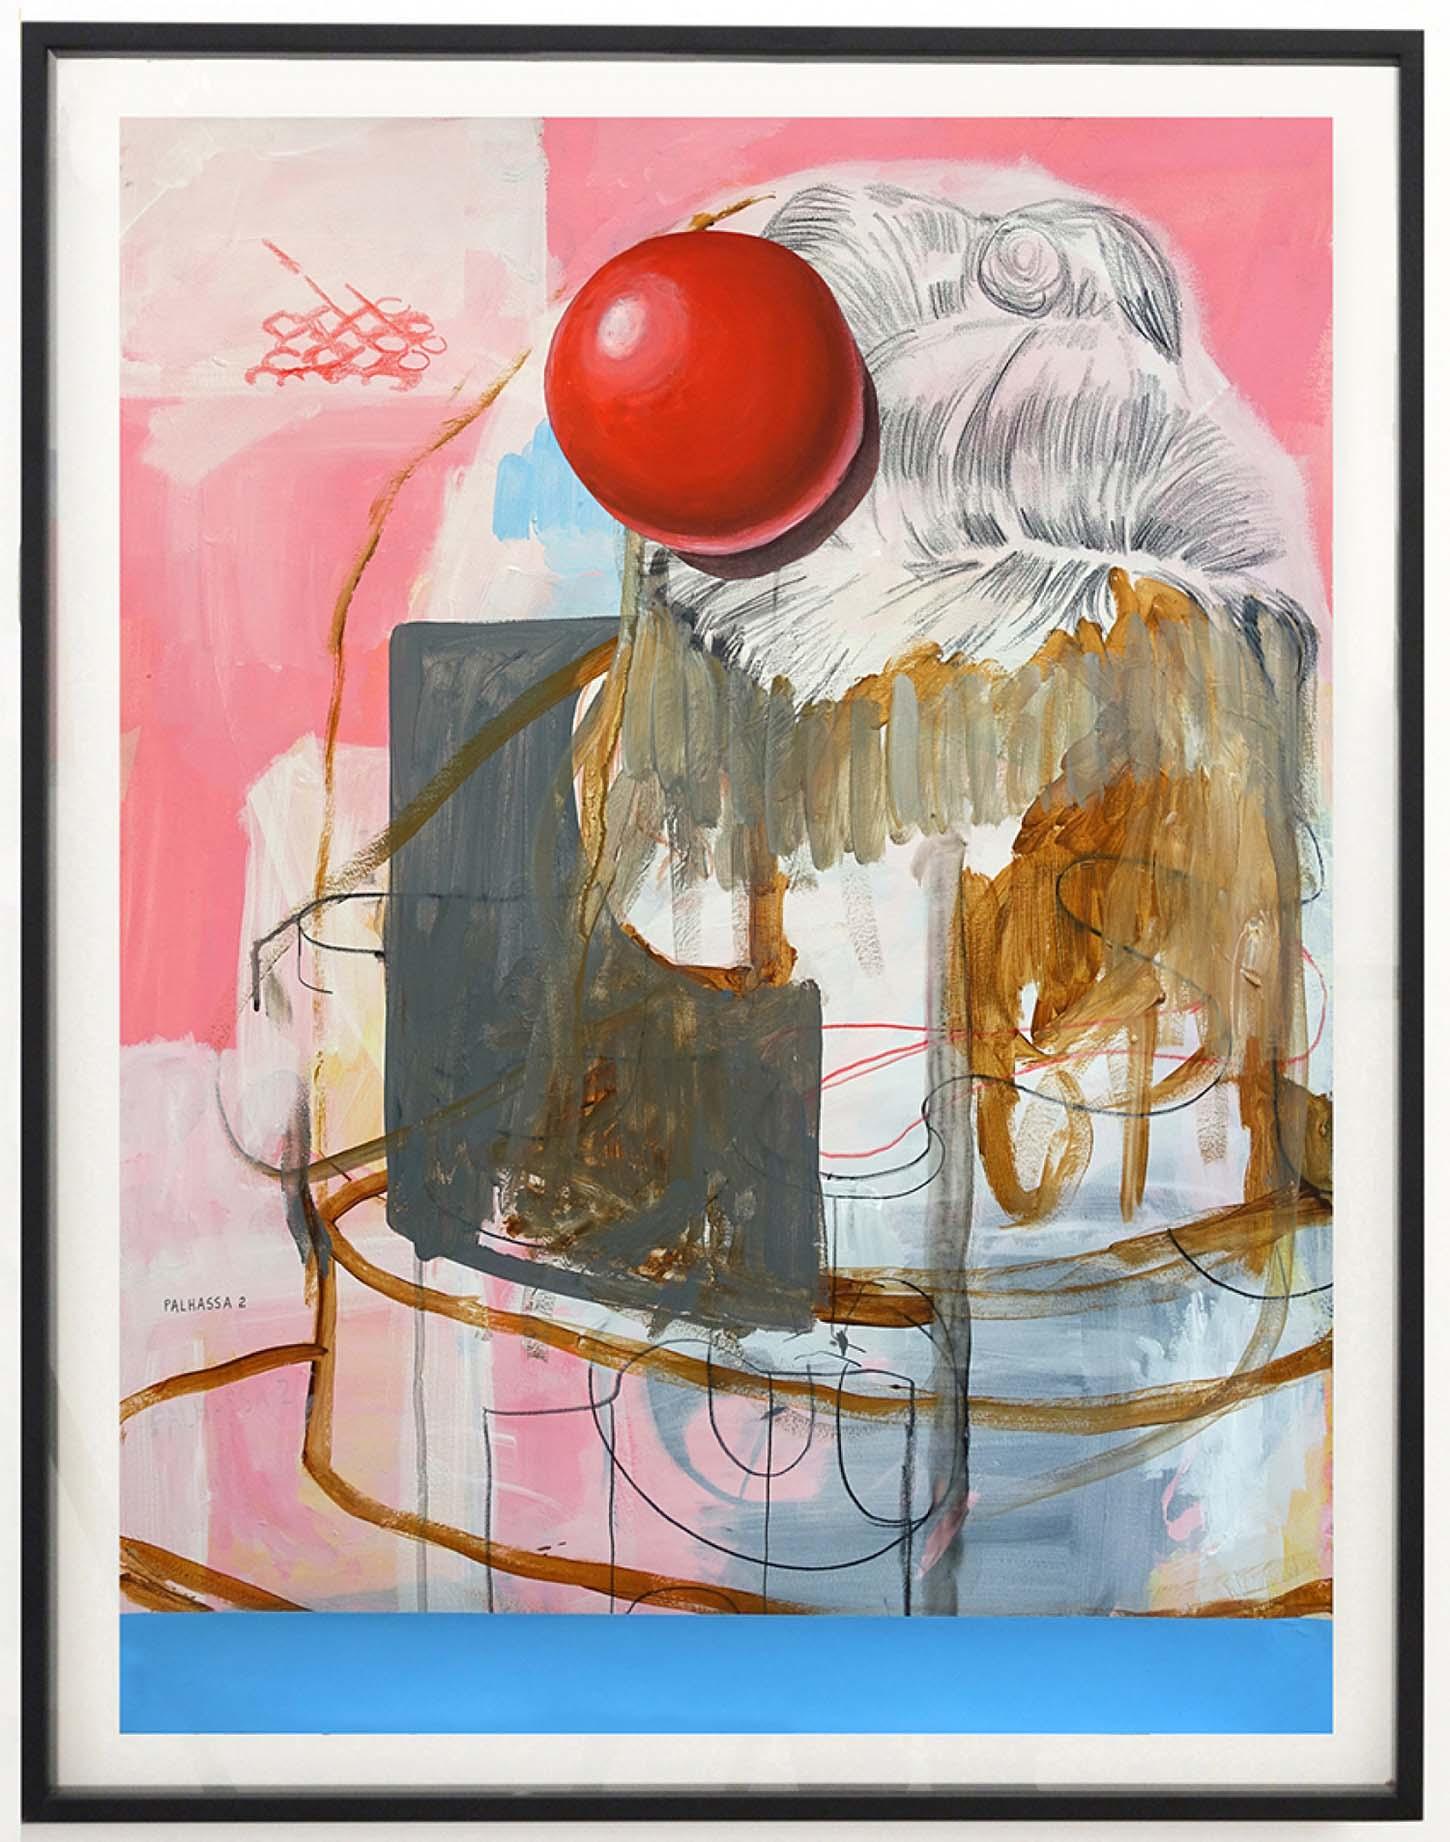 Thierry Lagalla, Palhassa 2, 2018Technique mixte sur papier, 80 x 60 cm